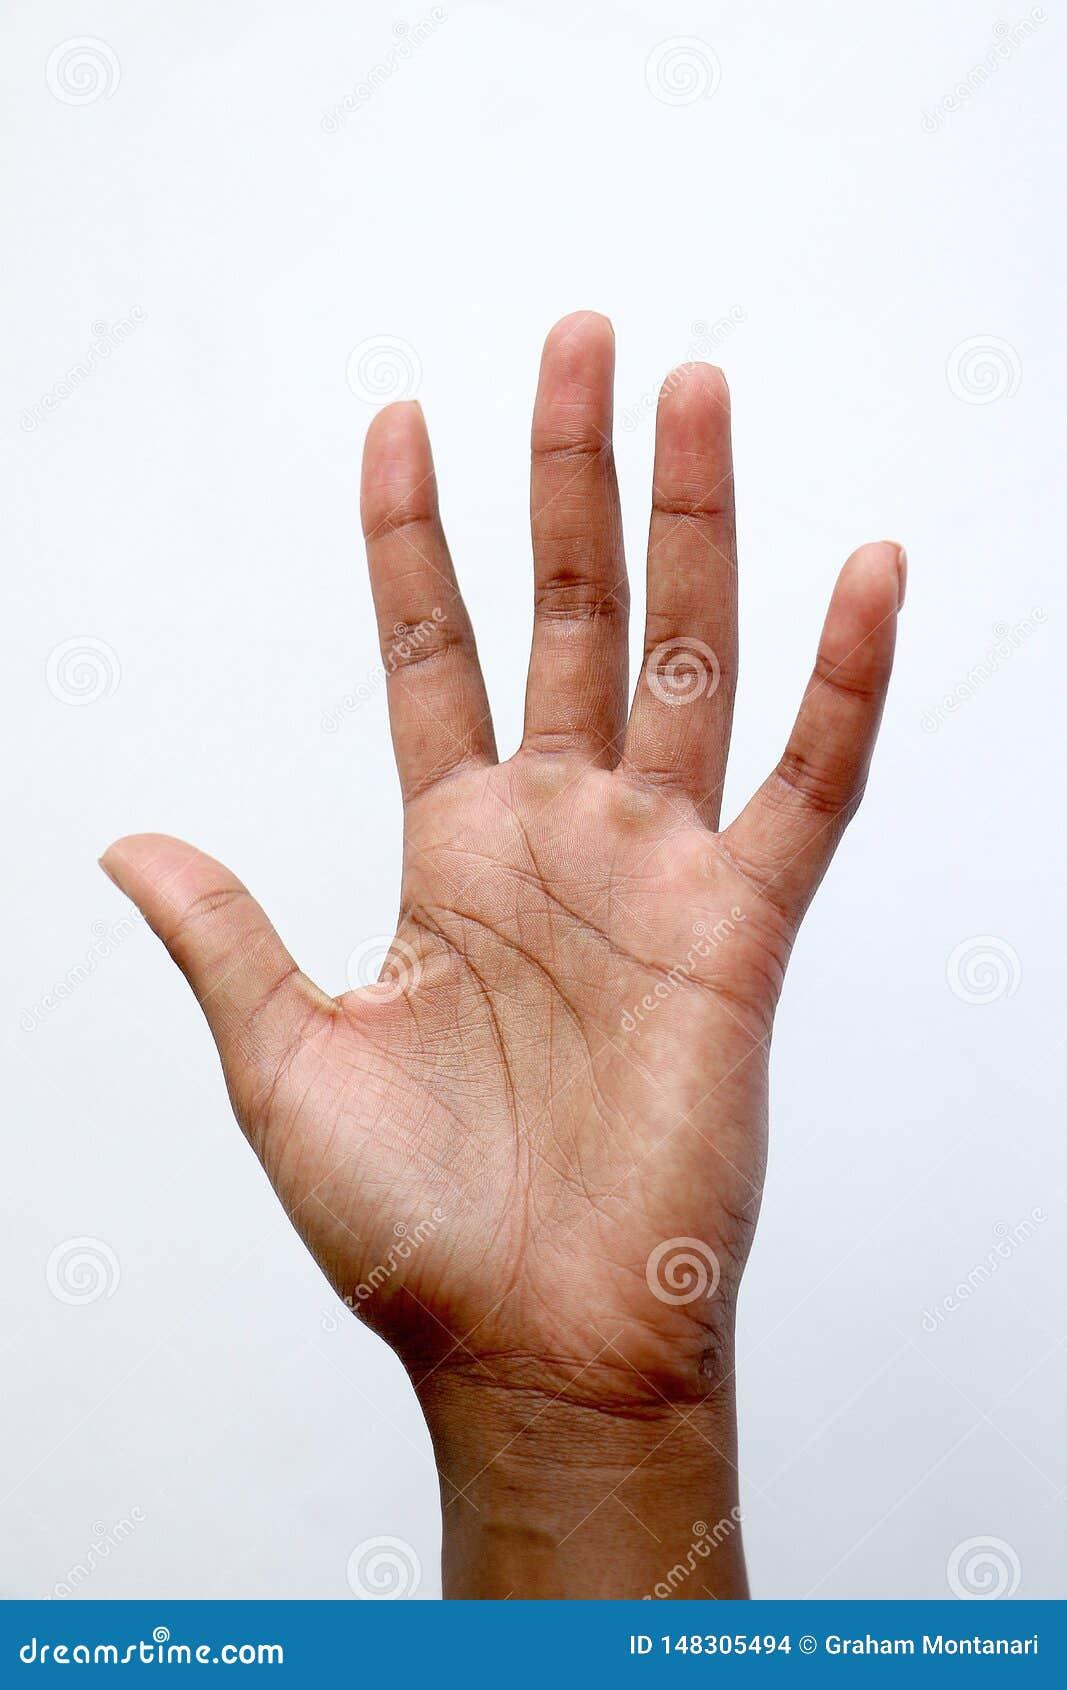 Demostración india africana negra número cinco, palma de la mano de la mano